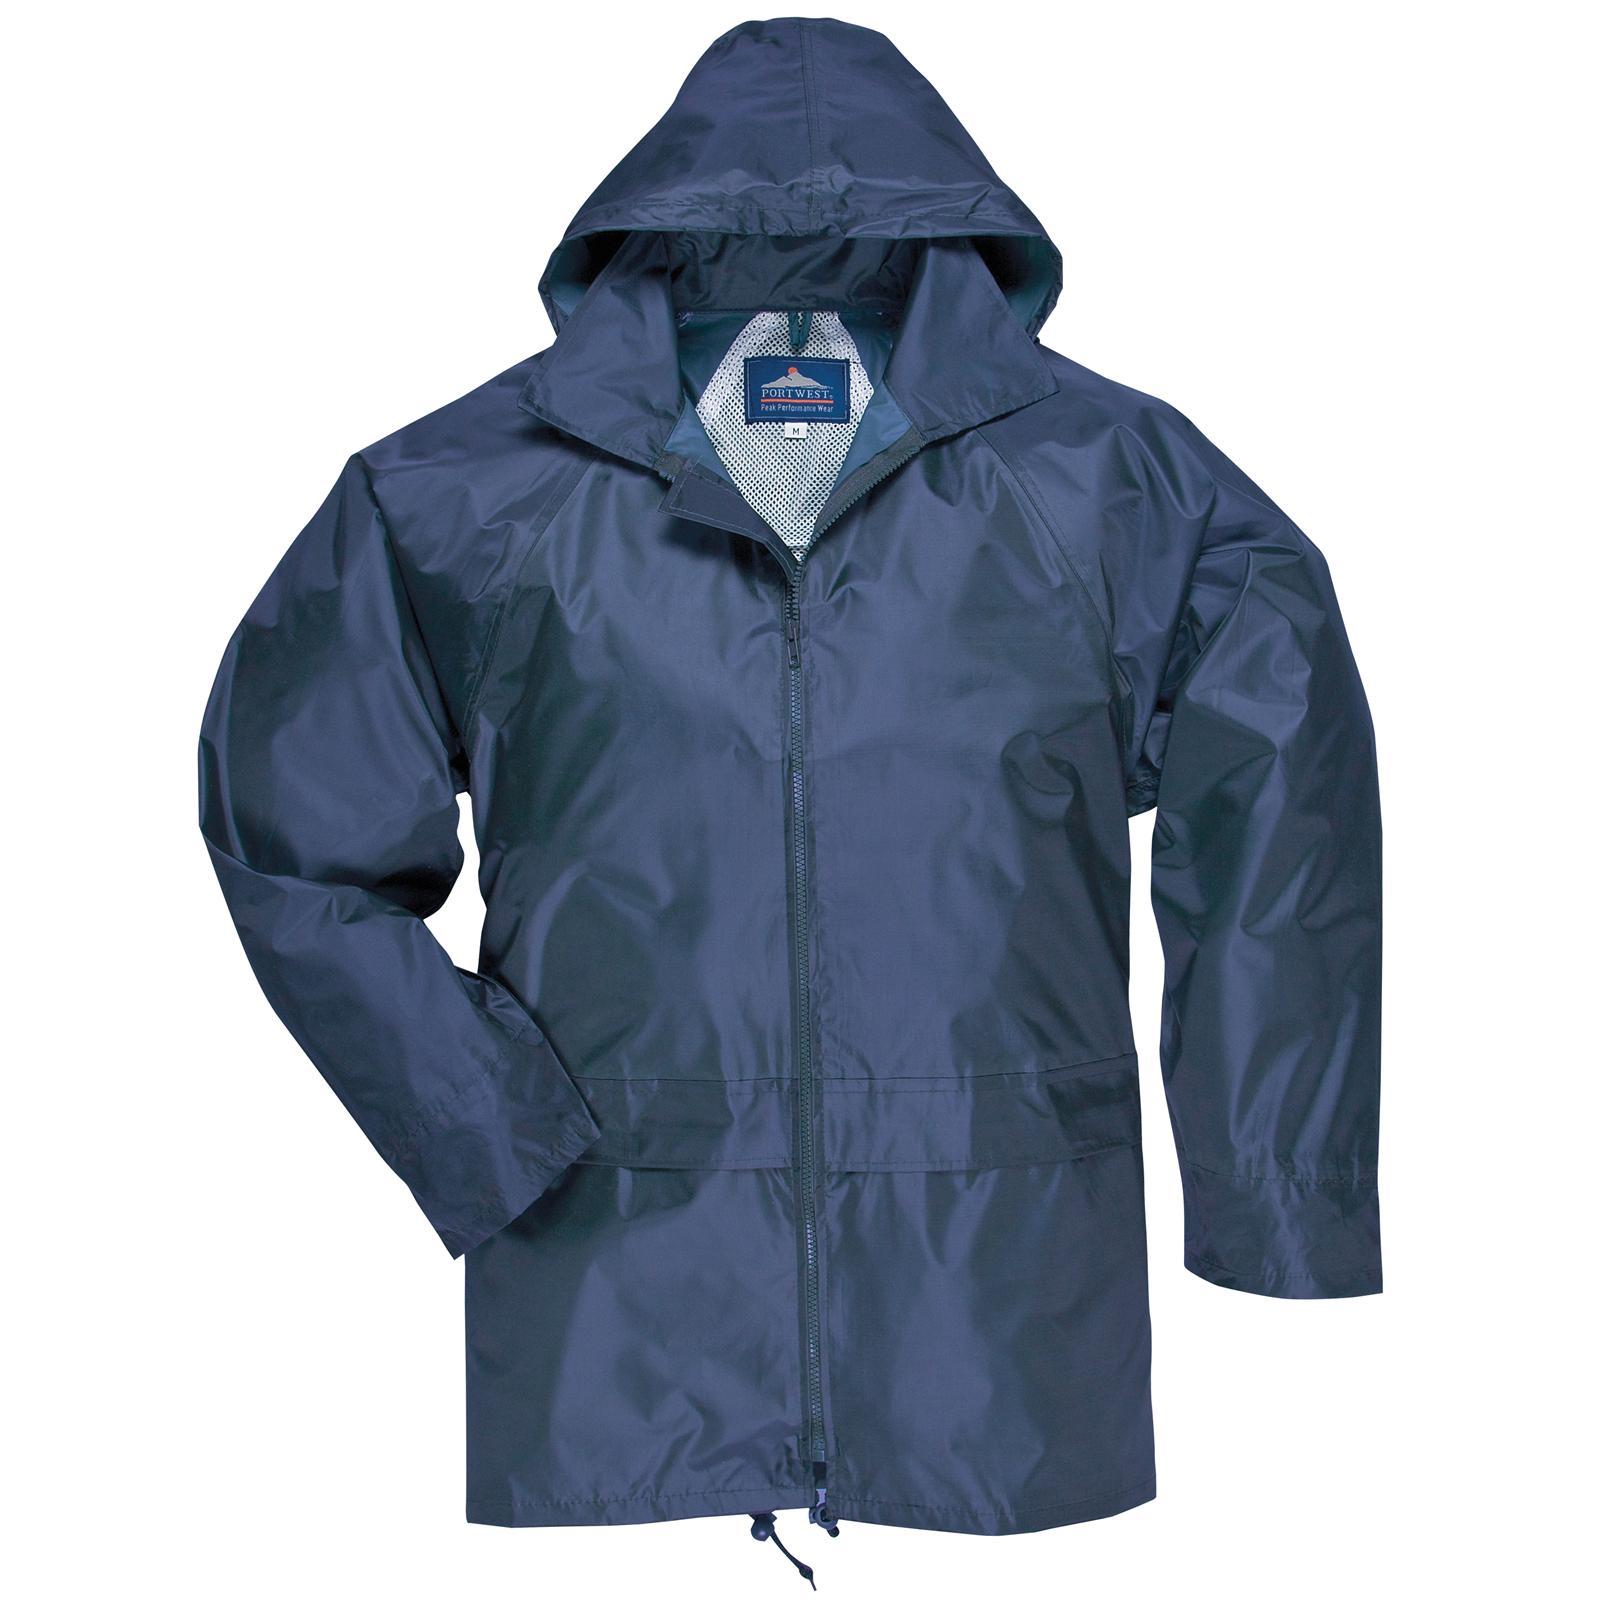 New PORTWEST Mens Womens Classic Rain Waterproof Jacket S M L XL